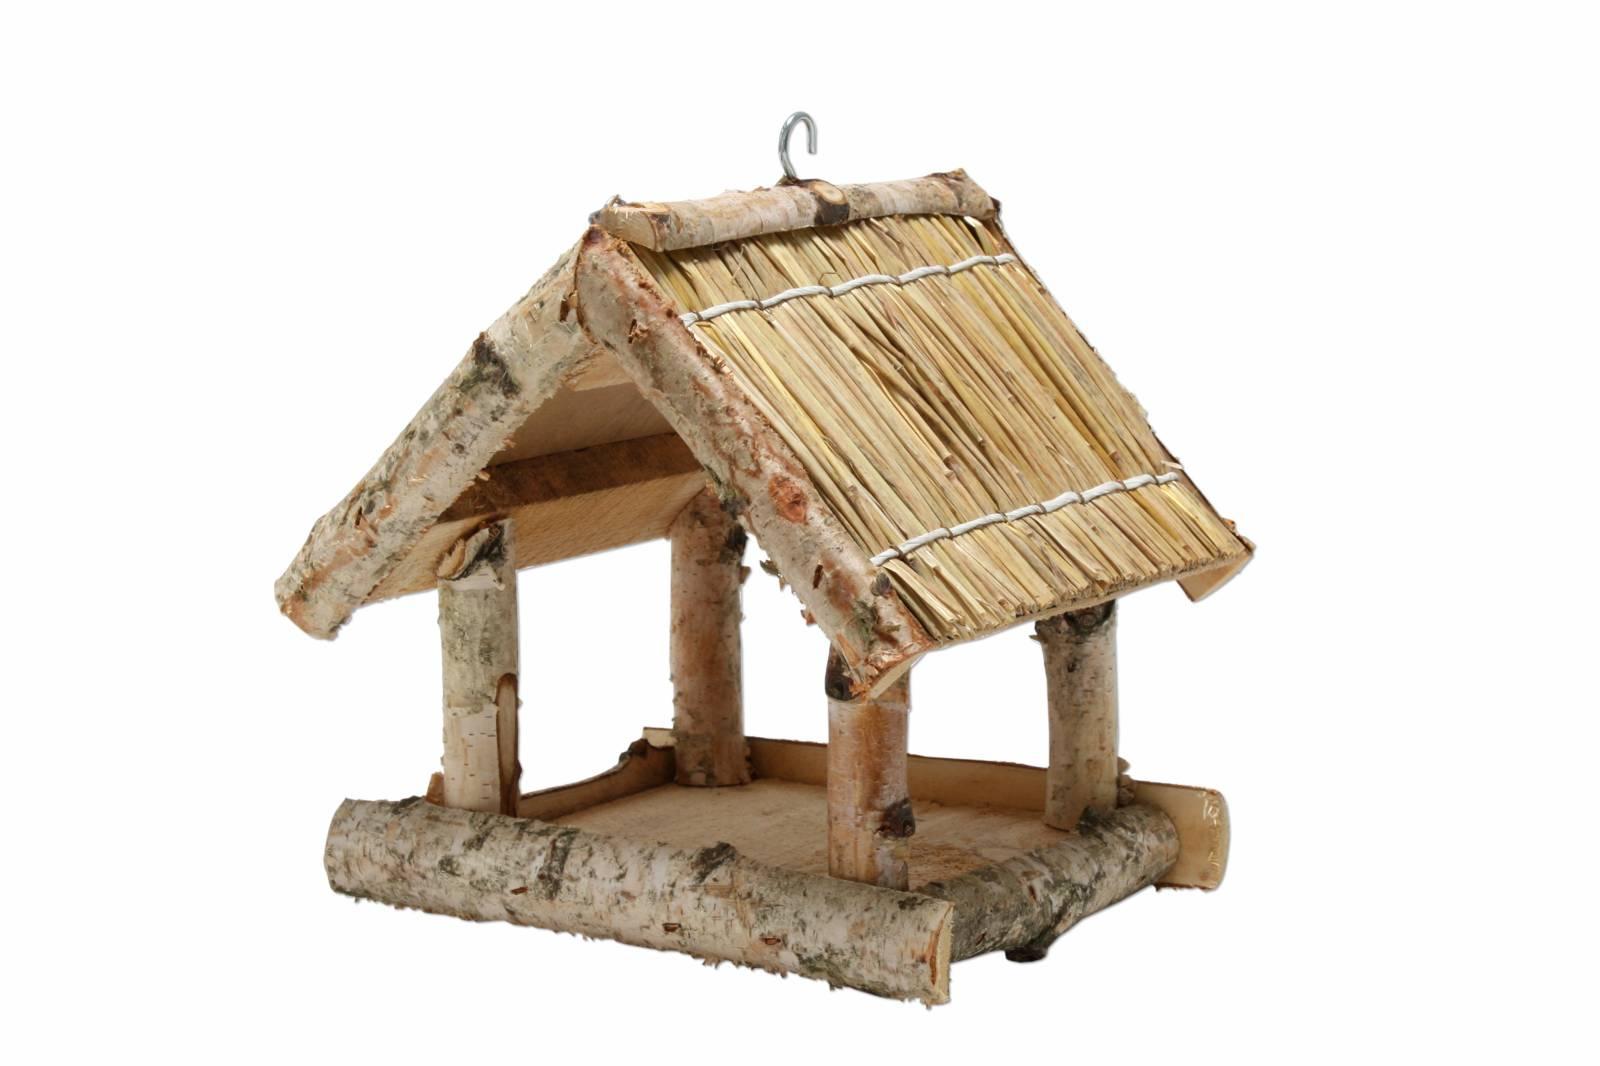 vogelhaus mit naturdach birke und stroh nistkasten vogel futter haus h uschen ebay. Black Bedroom Furniture Sets. Home Design Ideas